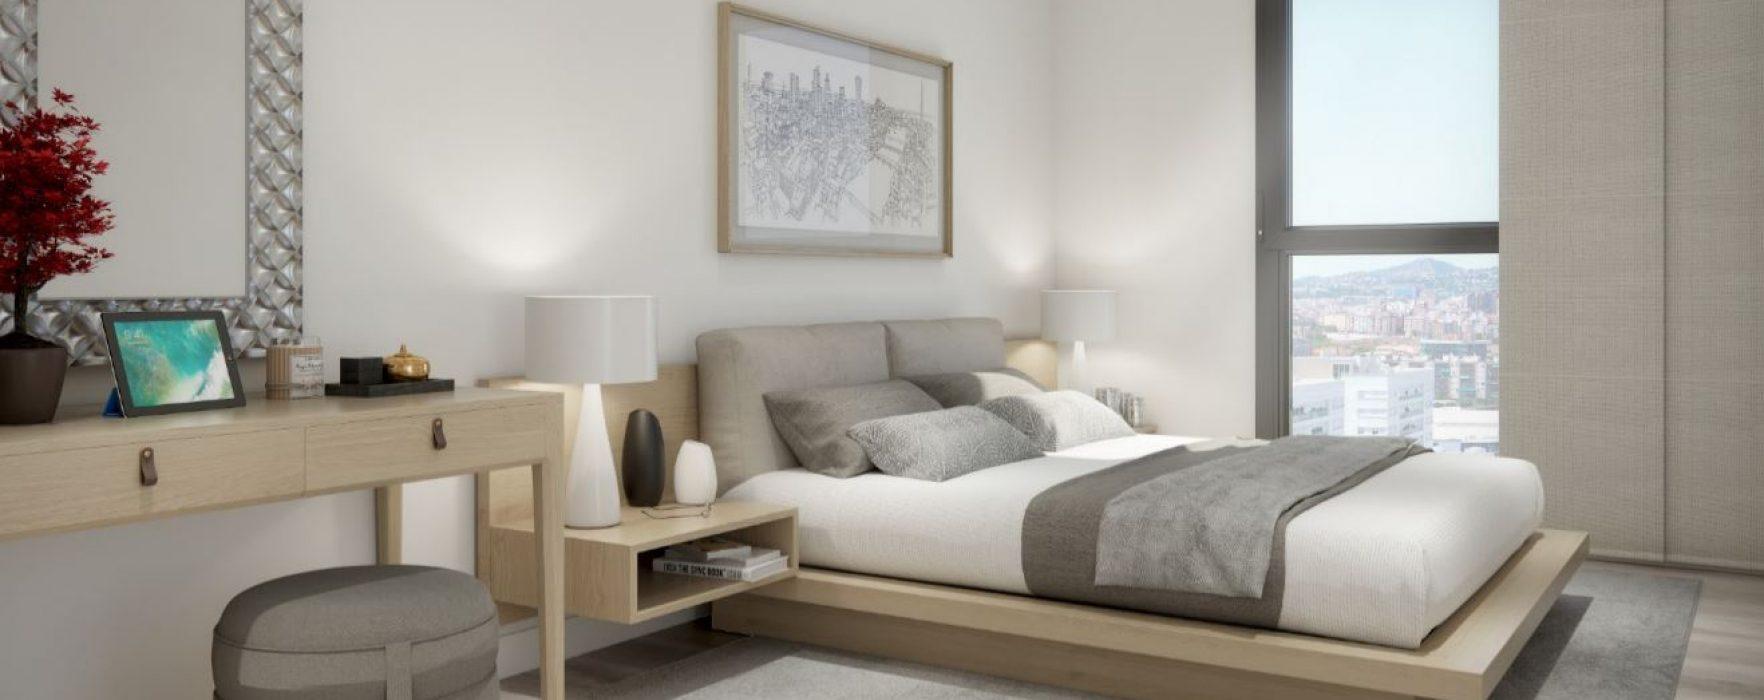 Cabeceros de cama o cmo decorar tu habitacin sin gastar mucho